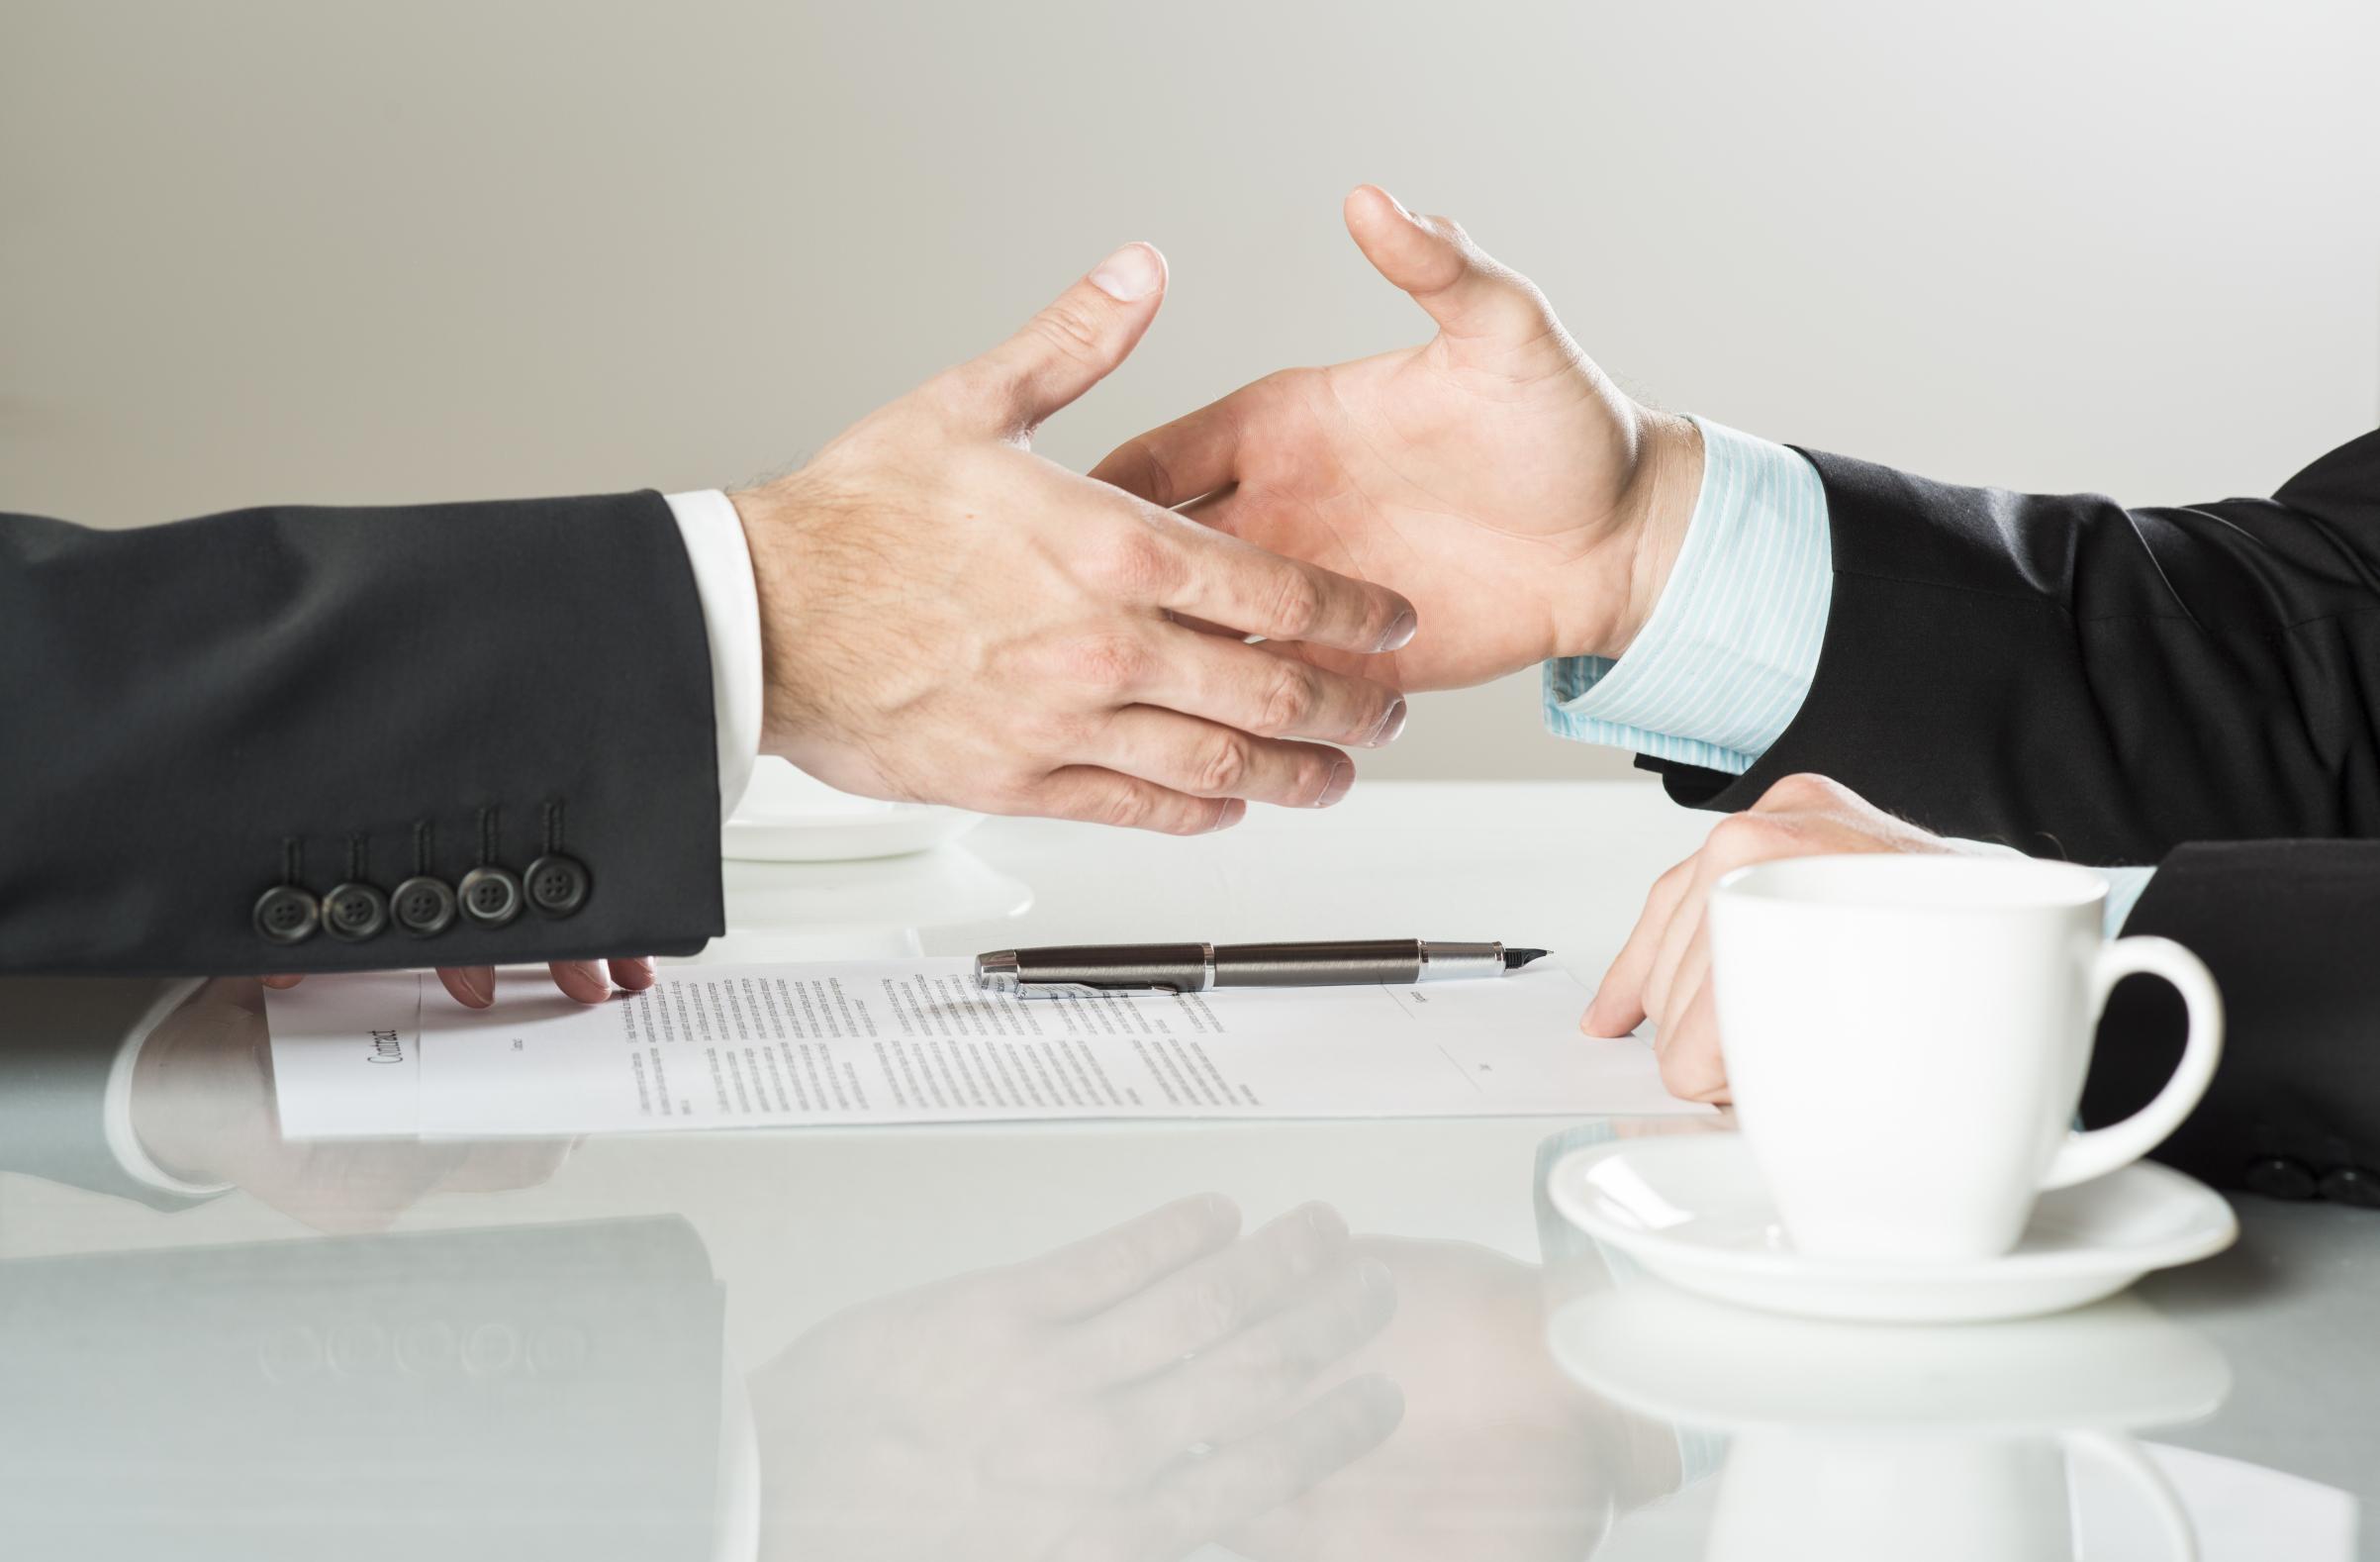 Получение кредита для развития бизнеса с нуля